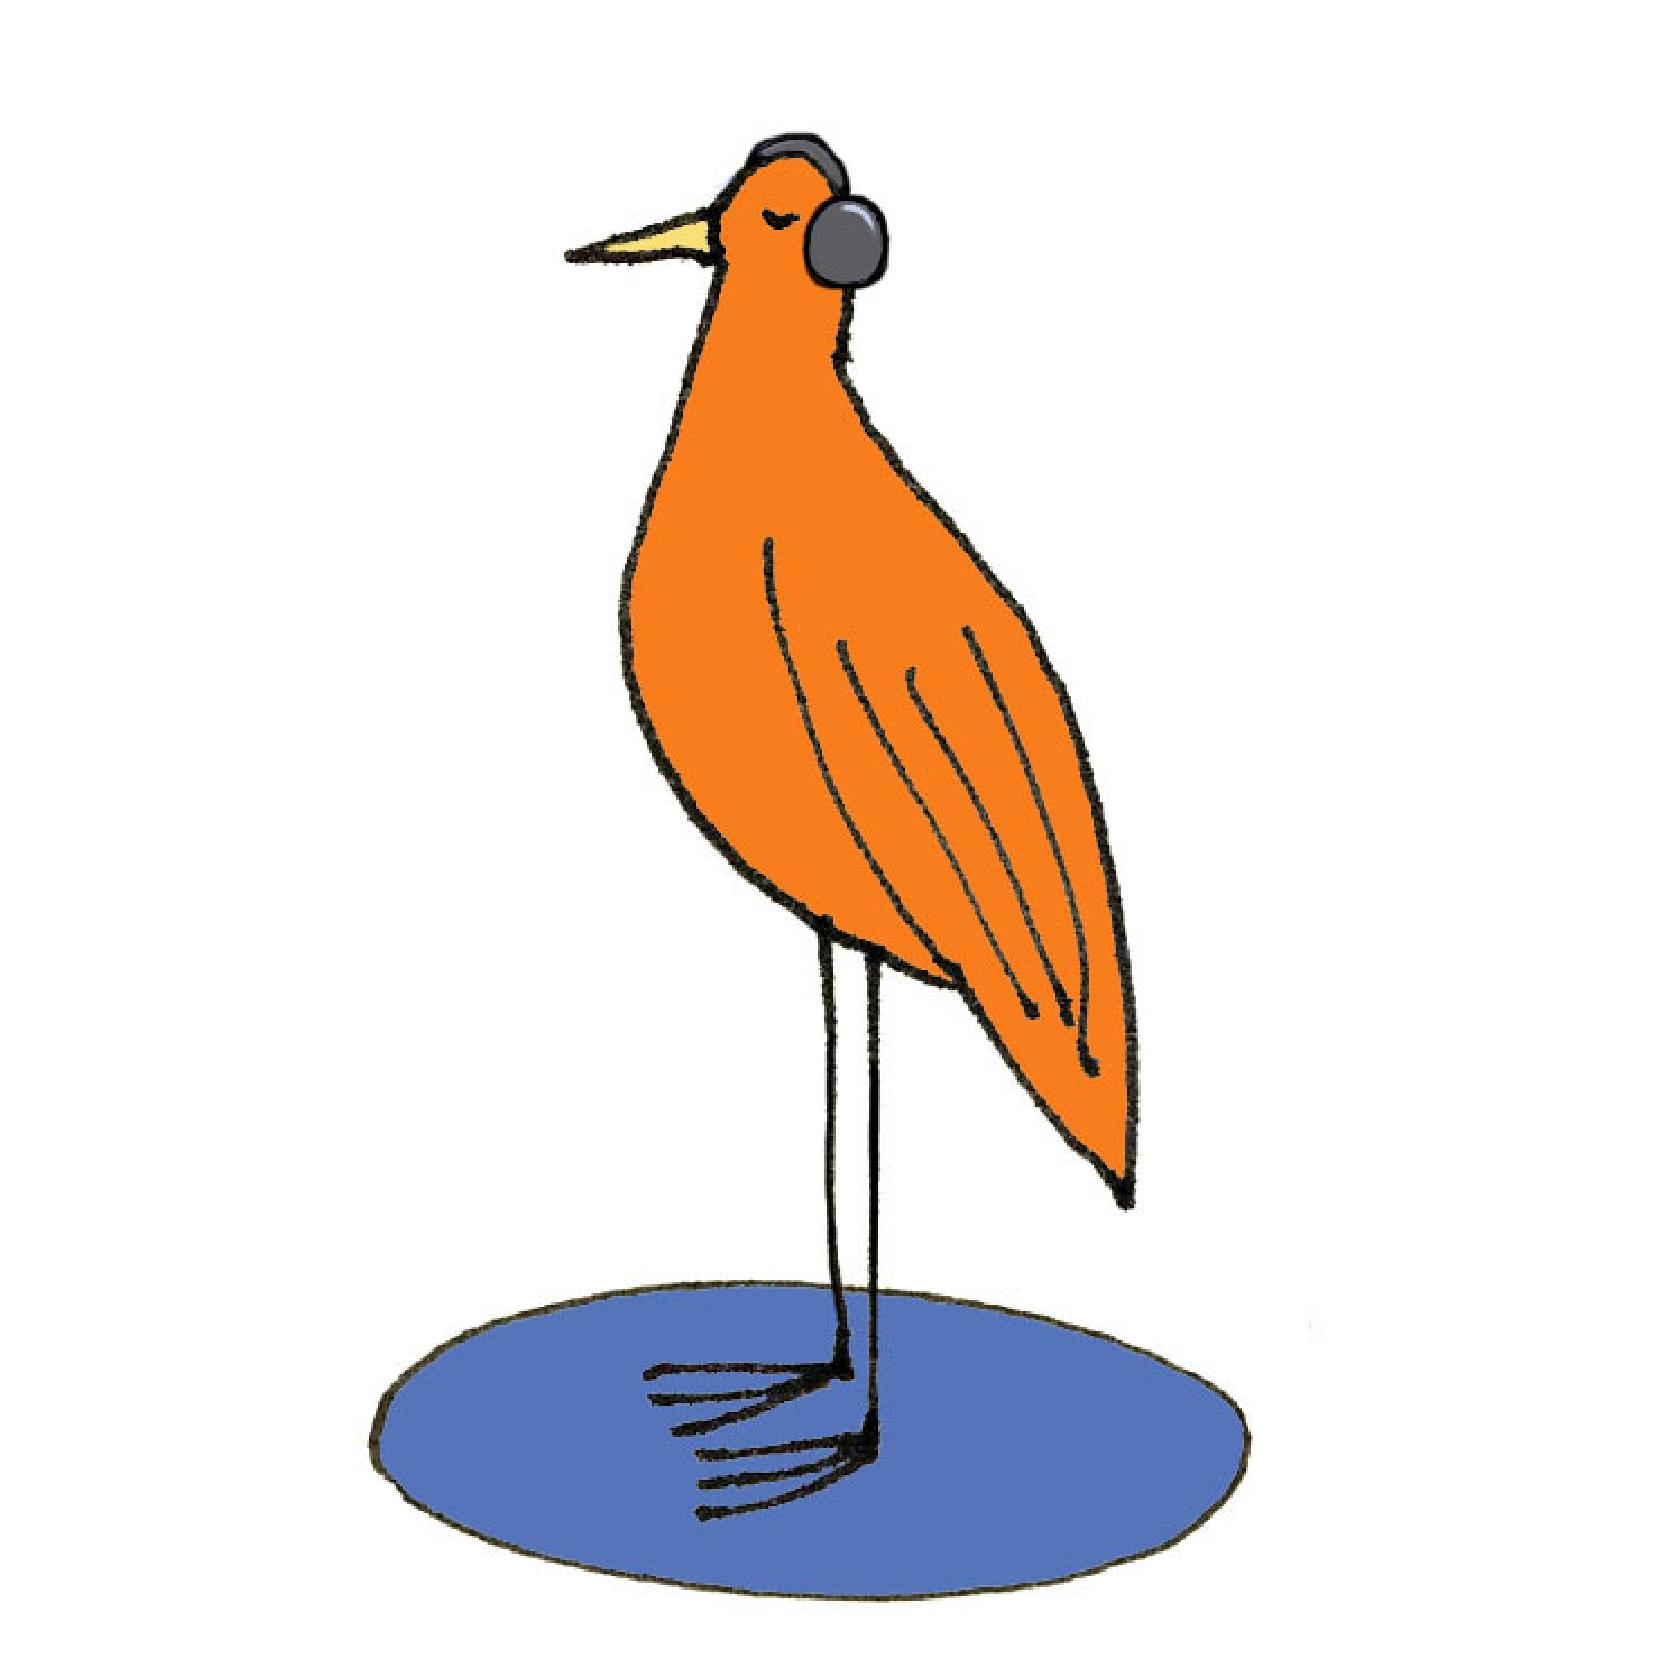 skg_bird-listening_square_WEB.jpg